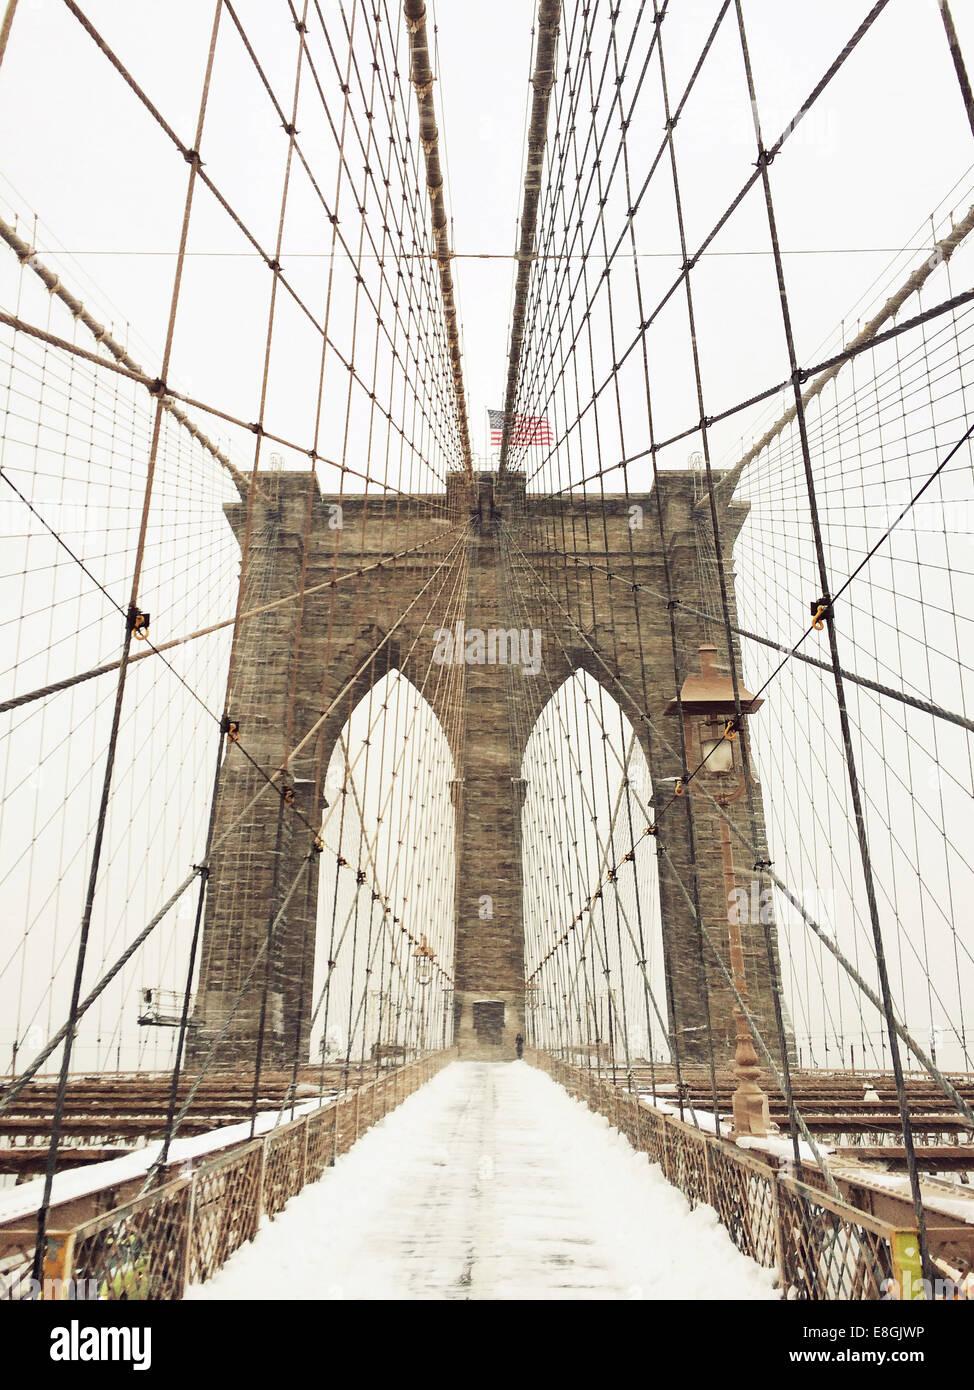 Puente de Brooklyn en nieve, Nueva York, Estados Unidos, EE.UU. Imagen De Stock